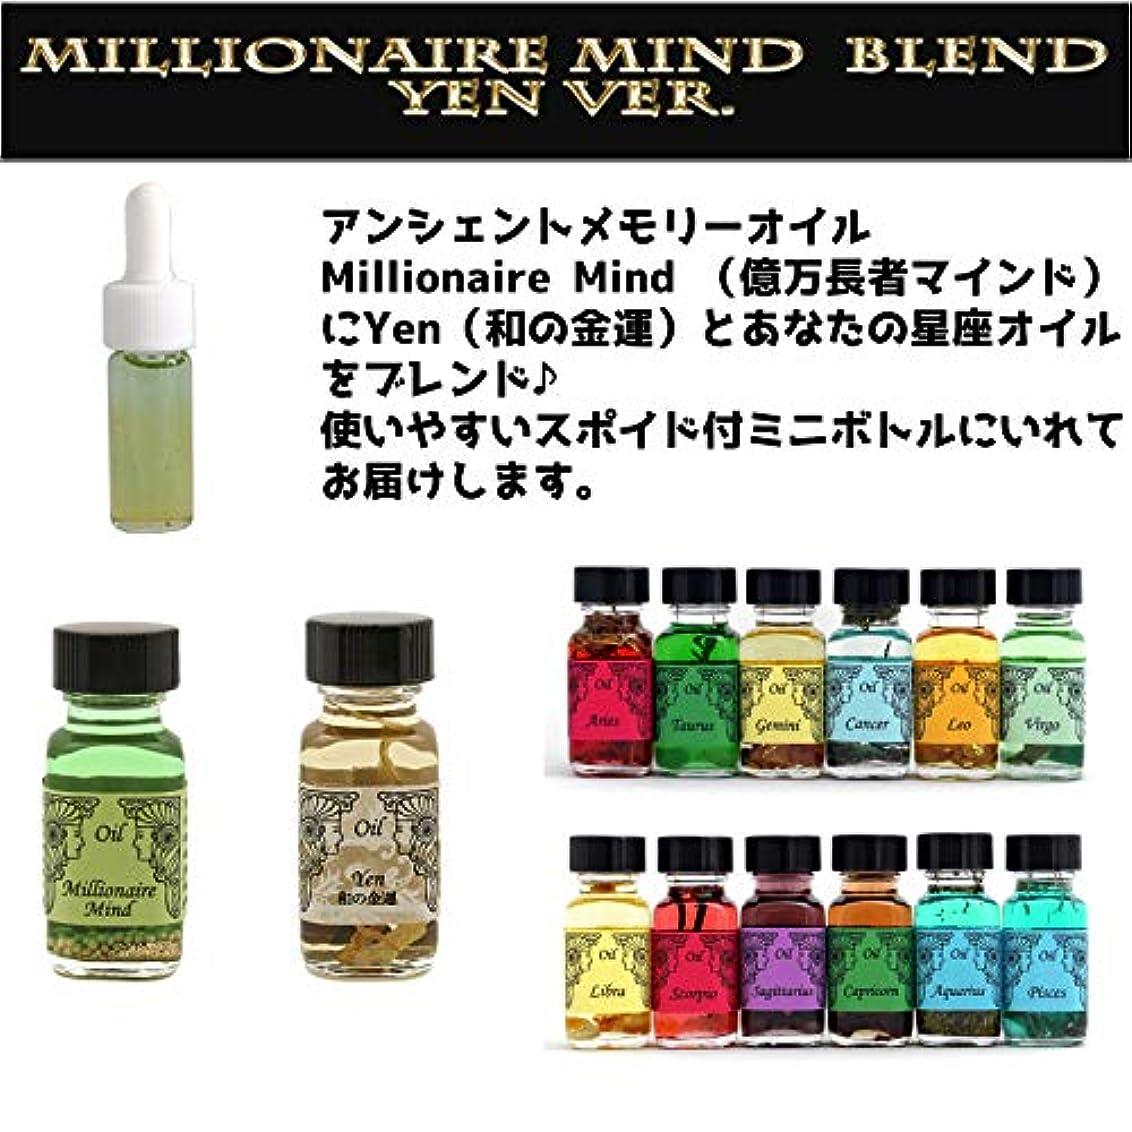 気楽な傾斜貸し手アンシェントメモリーオイル Millionaire Mind 億万長者マインド ブレンド【Yen 和の金運&やぎ座】